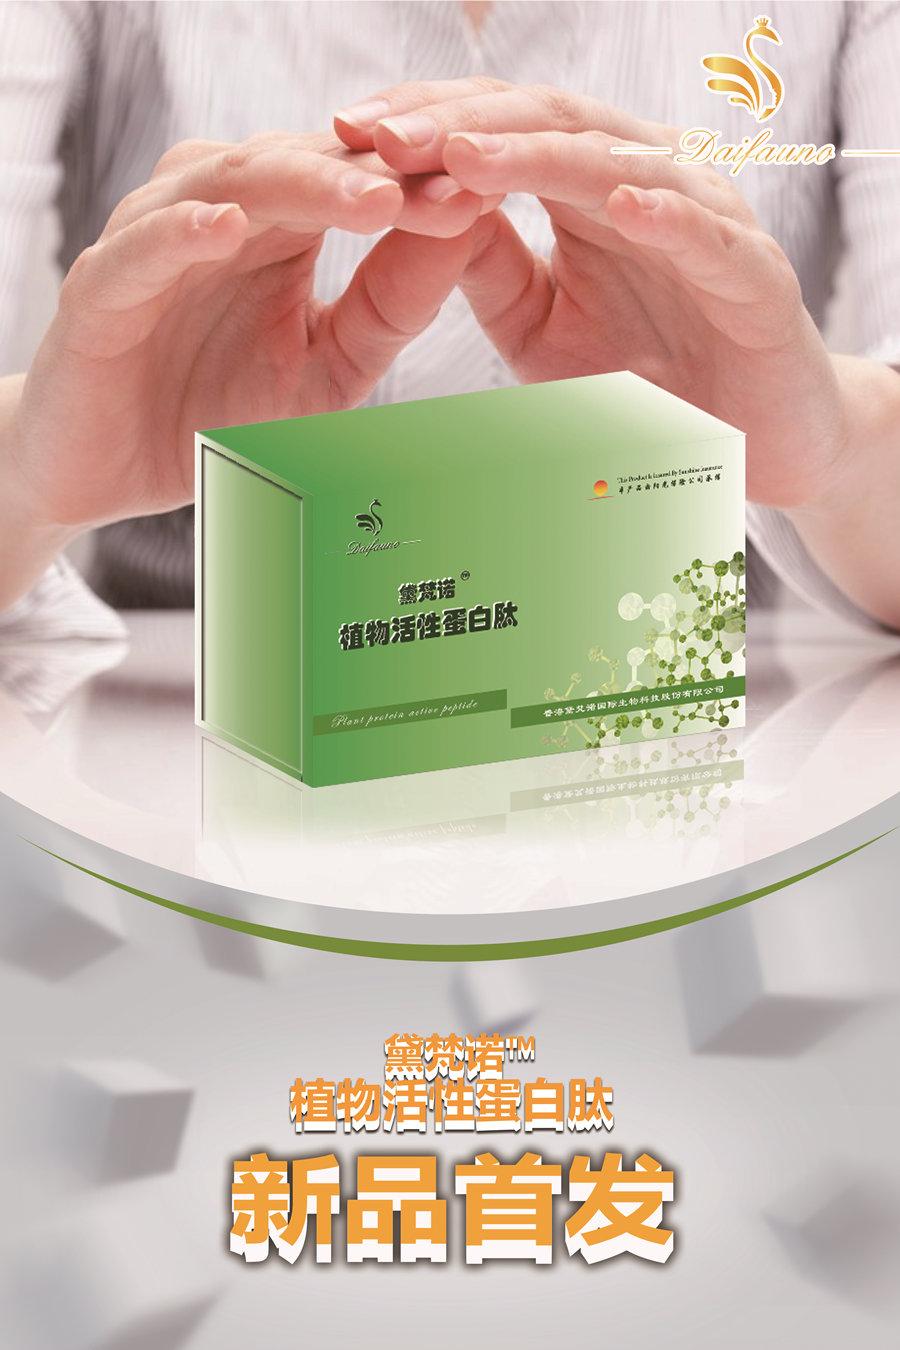 美容抗衰老方法_福建称心的黛梵诺美容抗衰产品推荐